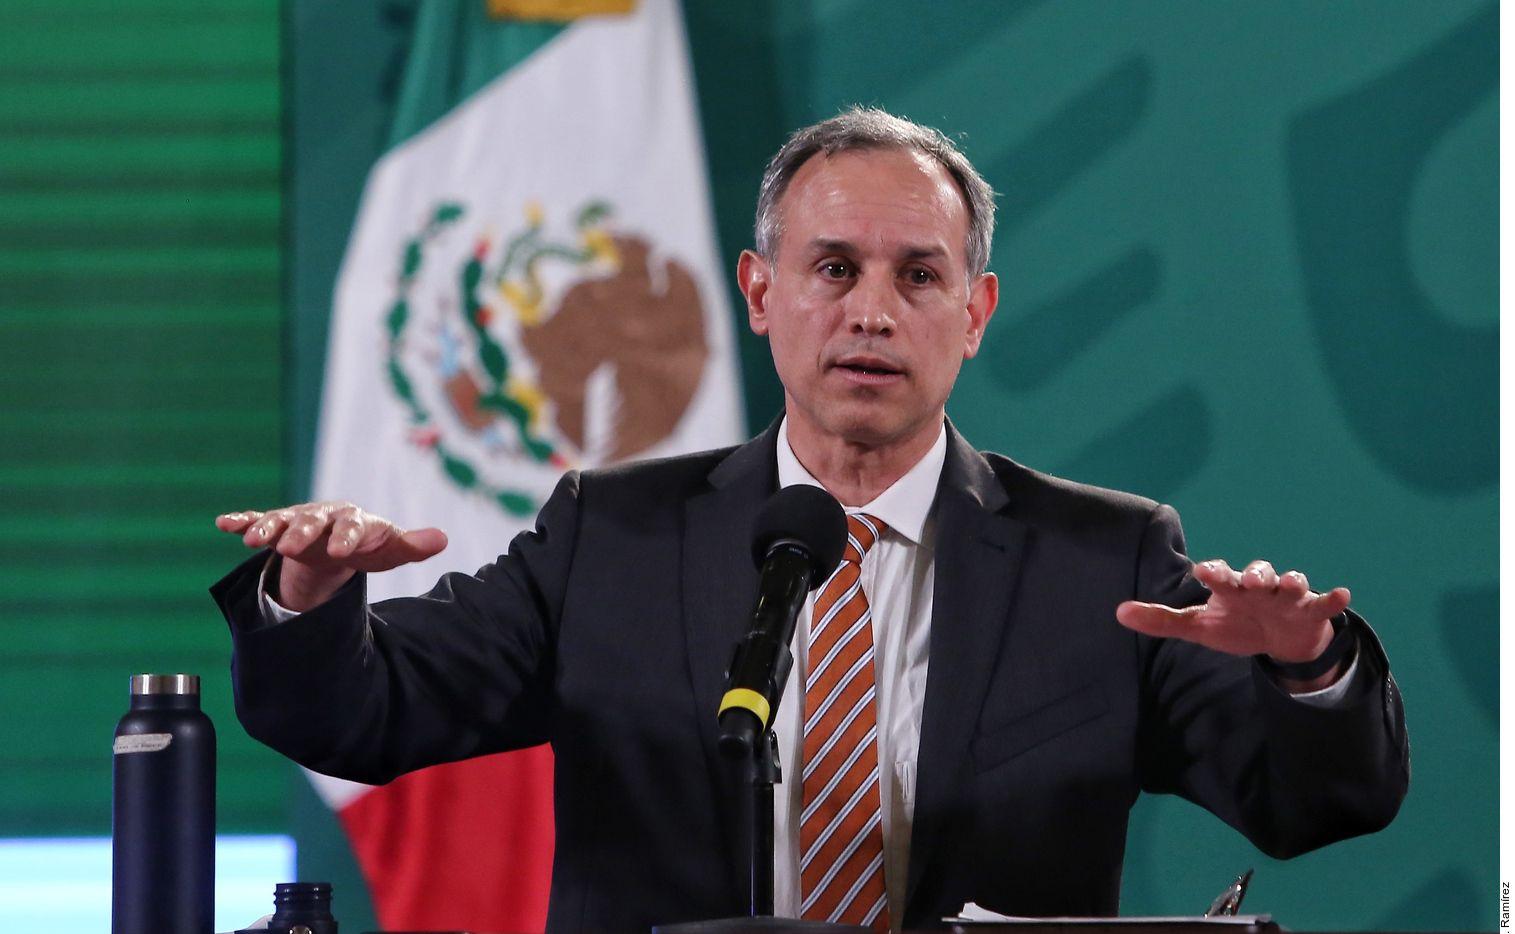 López-Gatell: México envió ya contrato firmado para compra de vacuna rusa